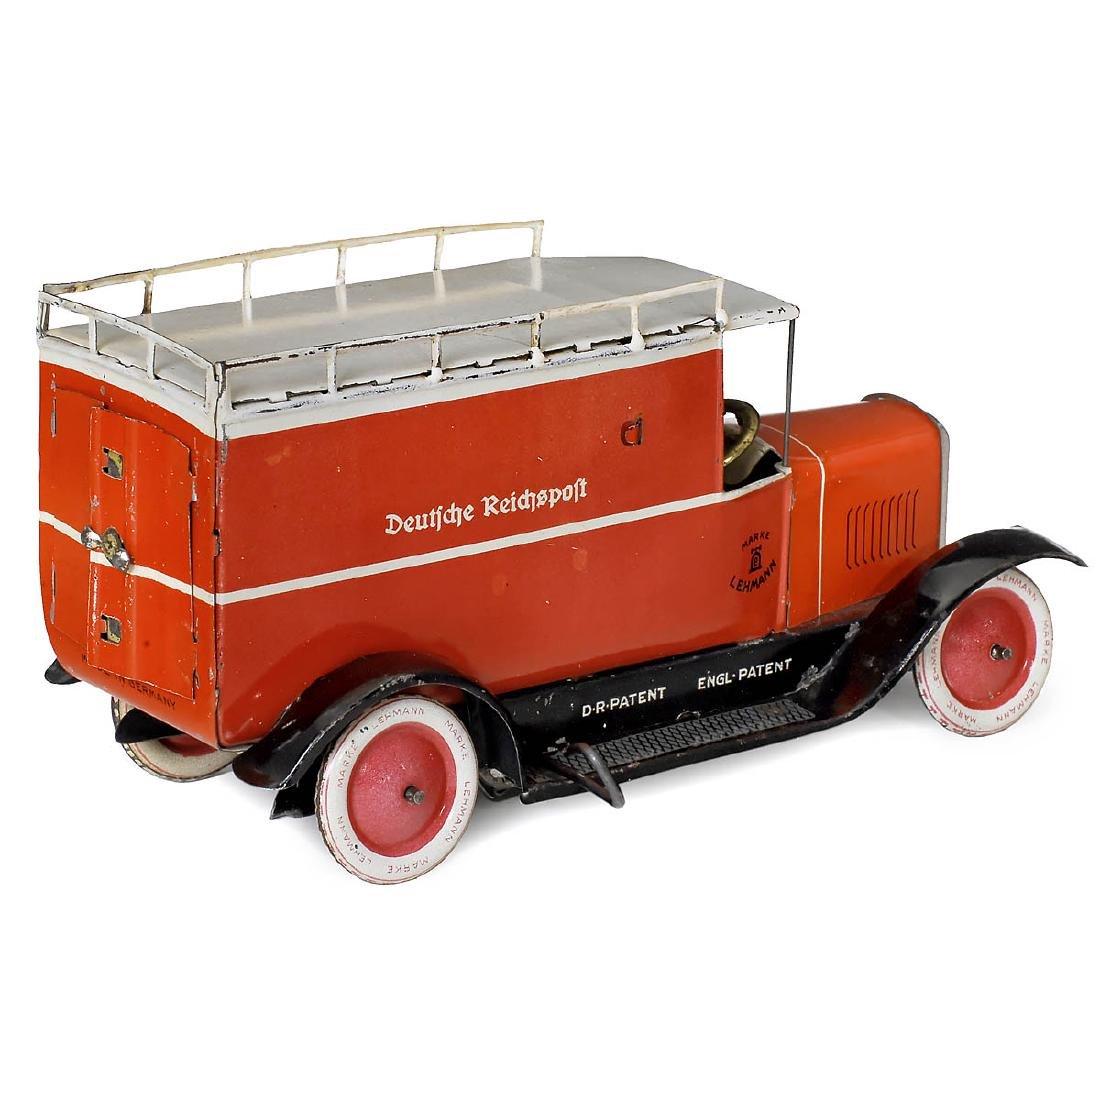 """Lehmann EPL 786 """"Deutsche Reichspost"""" Mail Truck, c. - 2"""